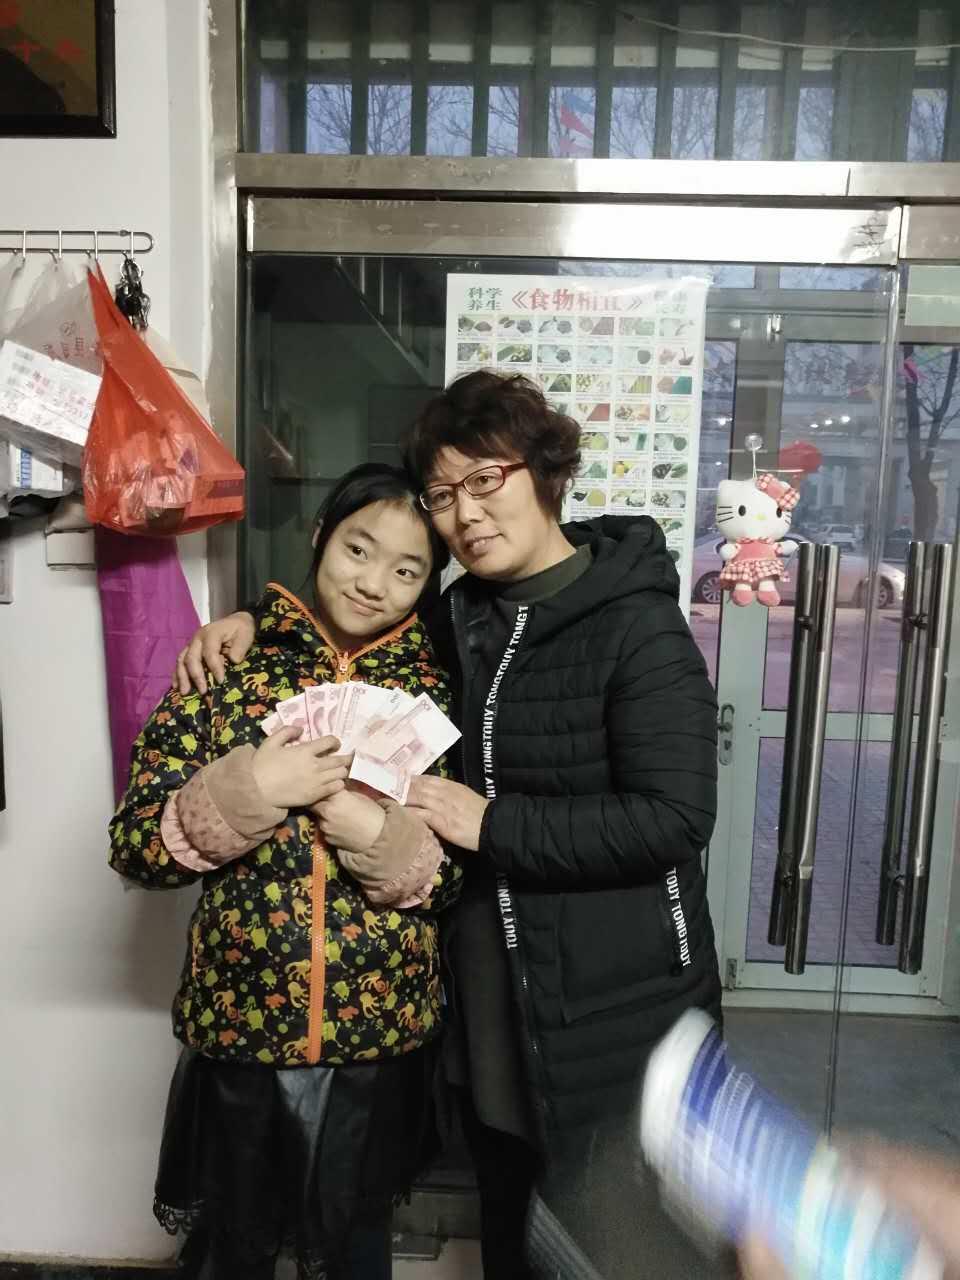 1,2018年1月16日协会全体会员下乡慰问贫困家庭,并且14位女企业家一对一、一对二救助贫困学生15名-2017-01-17164417